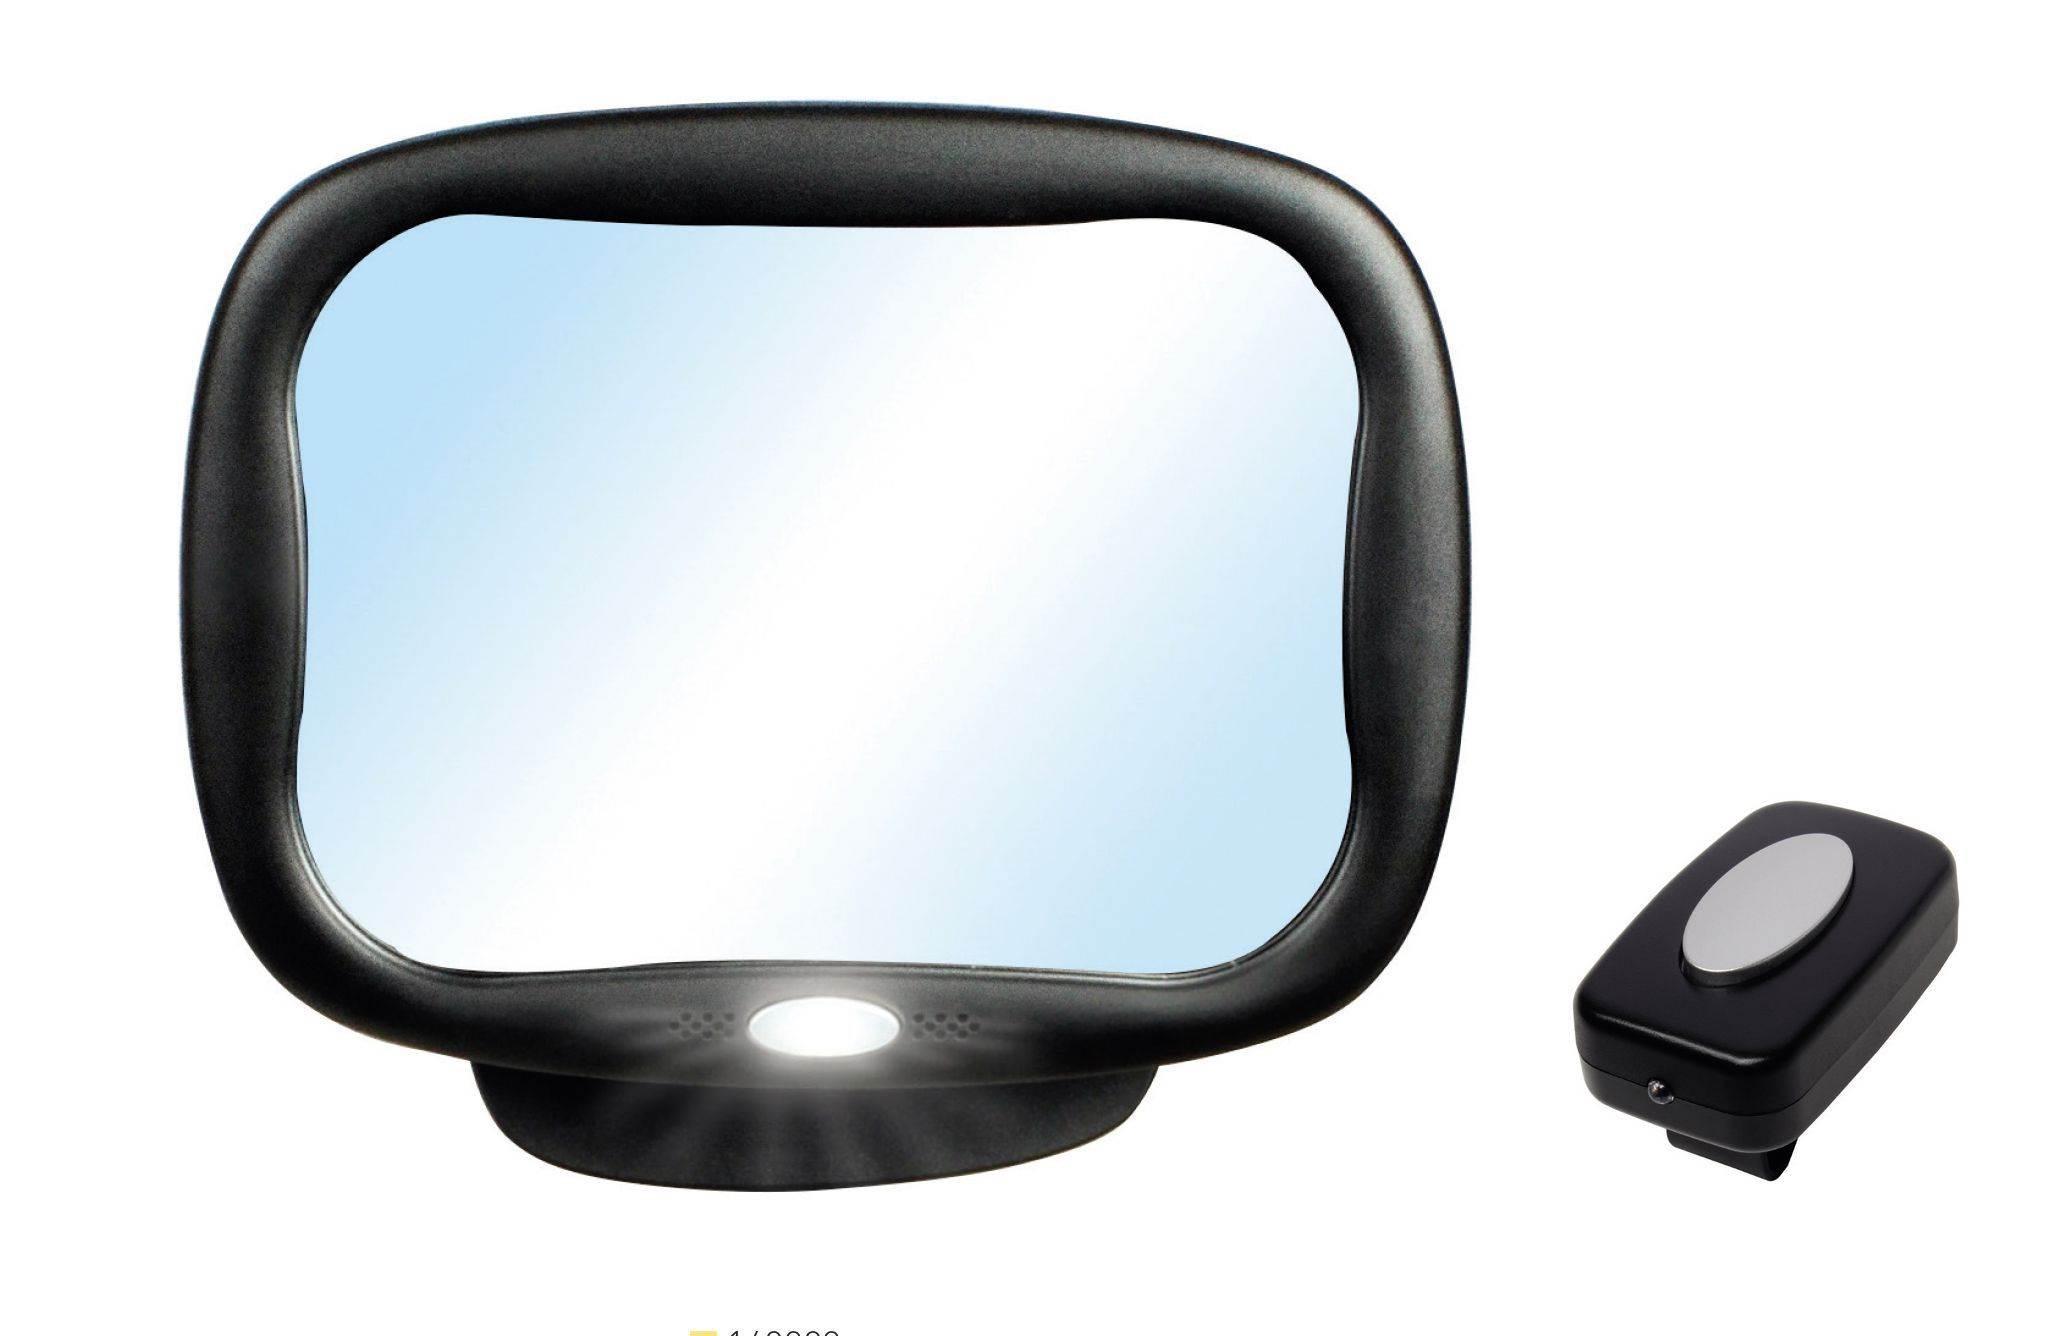 espejo retrovisor con luz